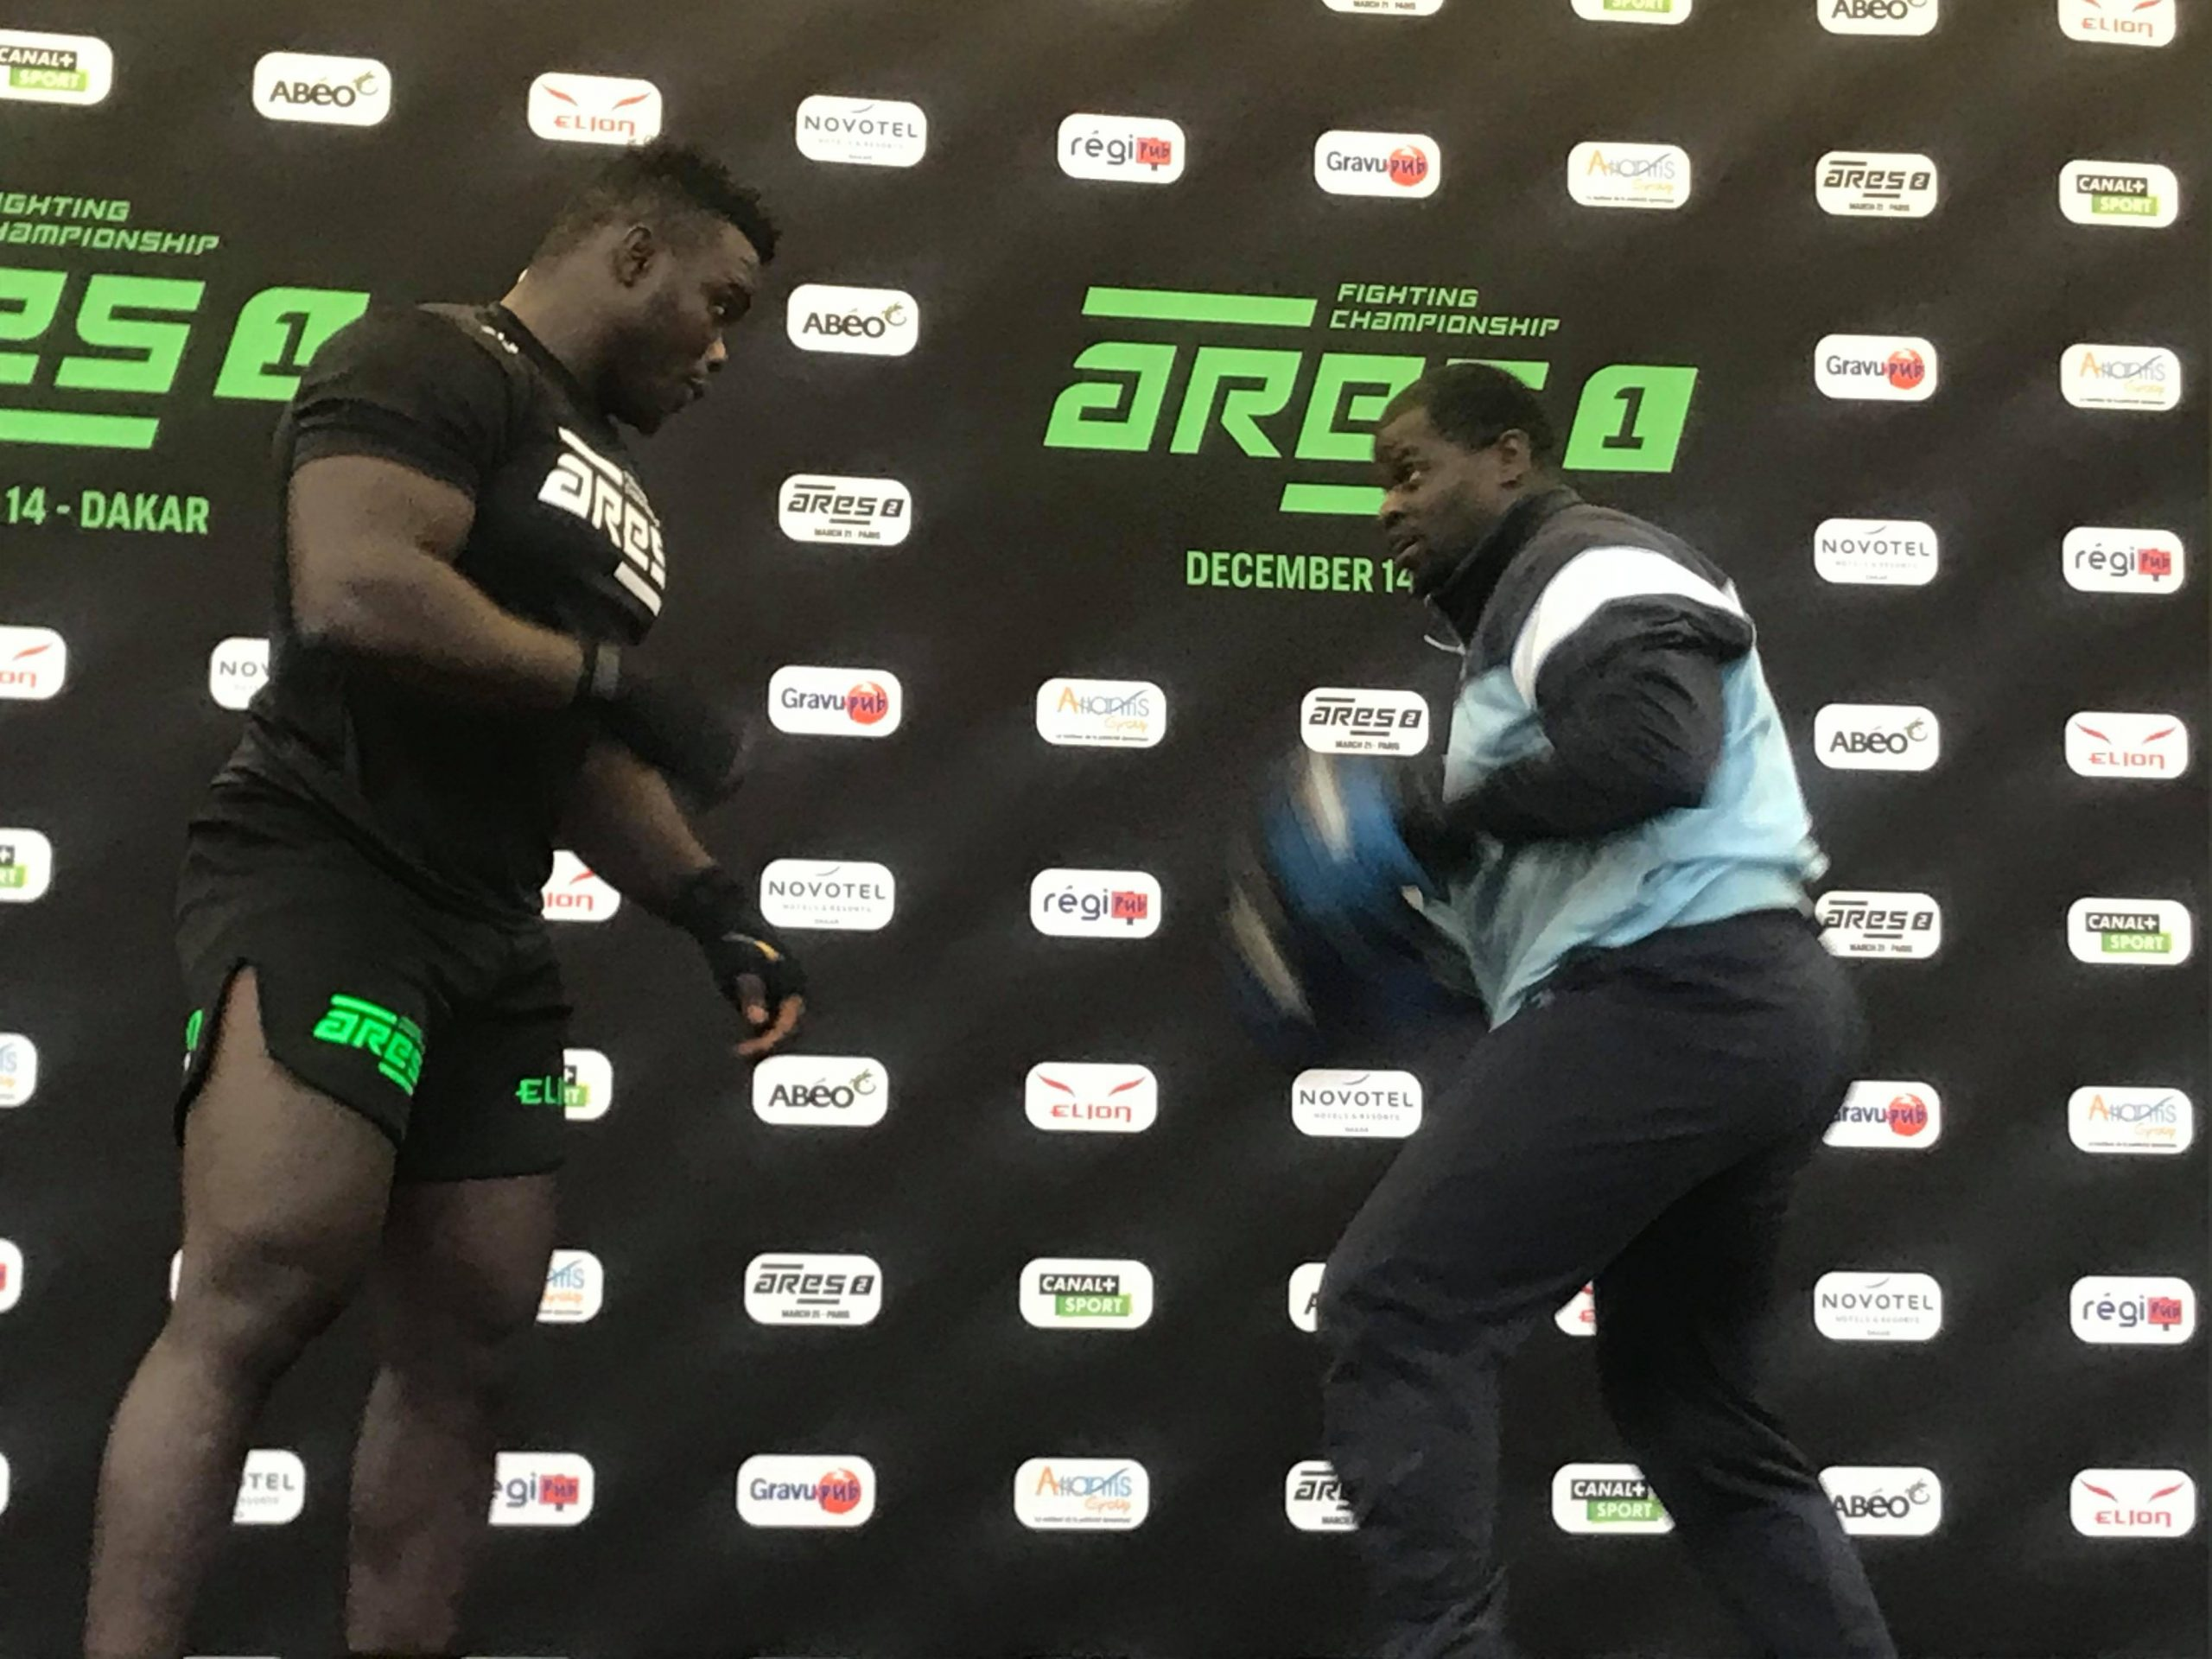 78793159 796873074072777 7662093232246882304 n scaled - MMA : Reug Reug et son adversaire Sofiane, présentés au public (13 Photos)